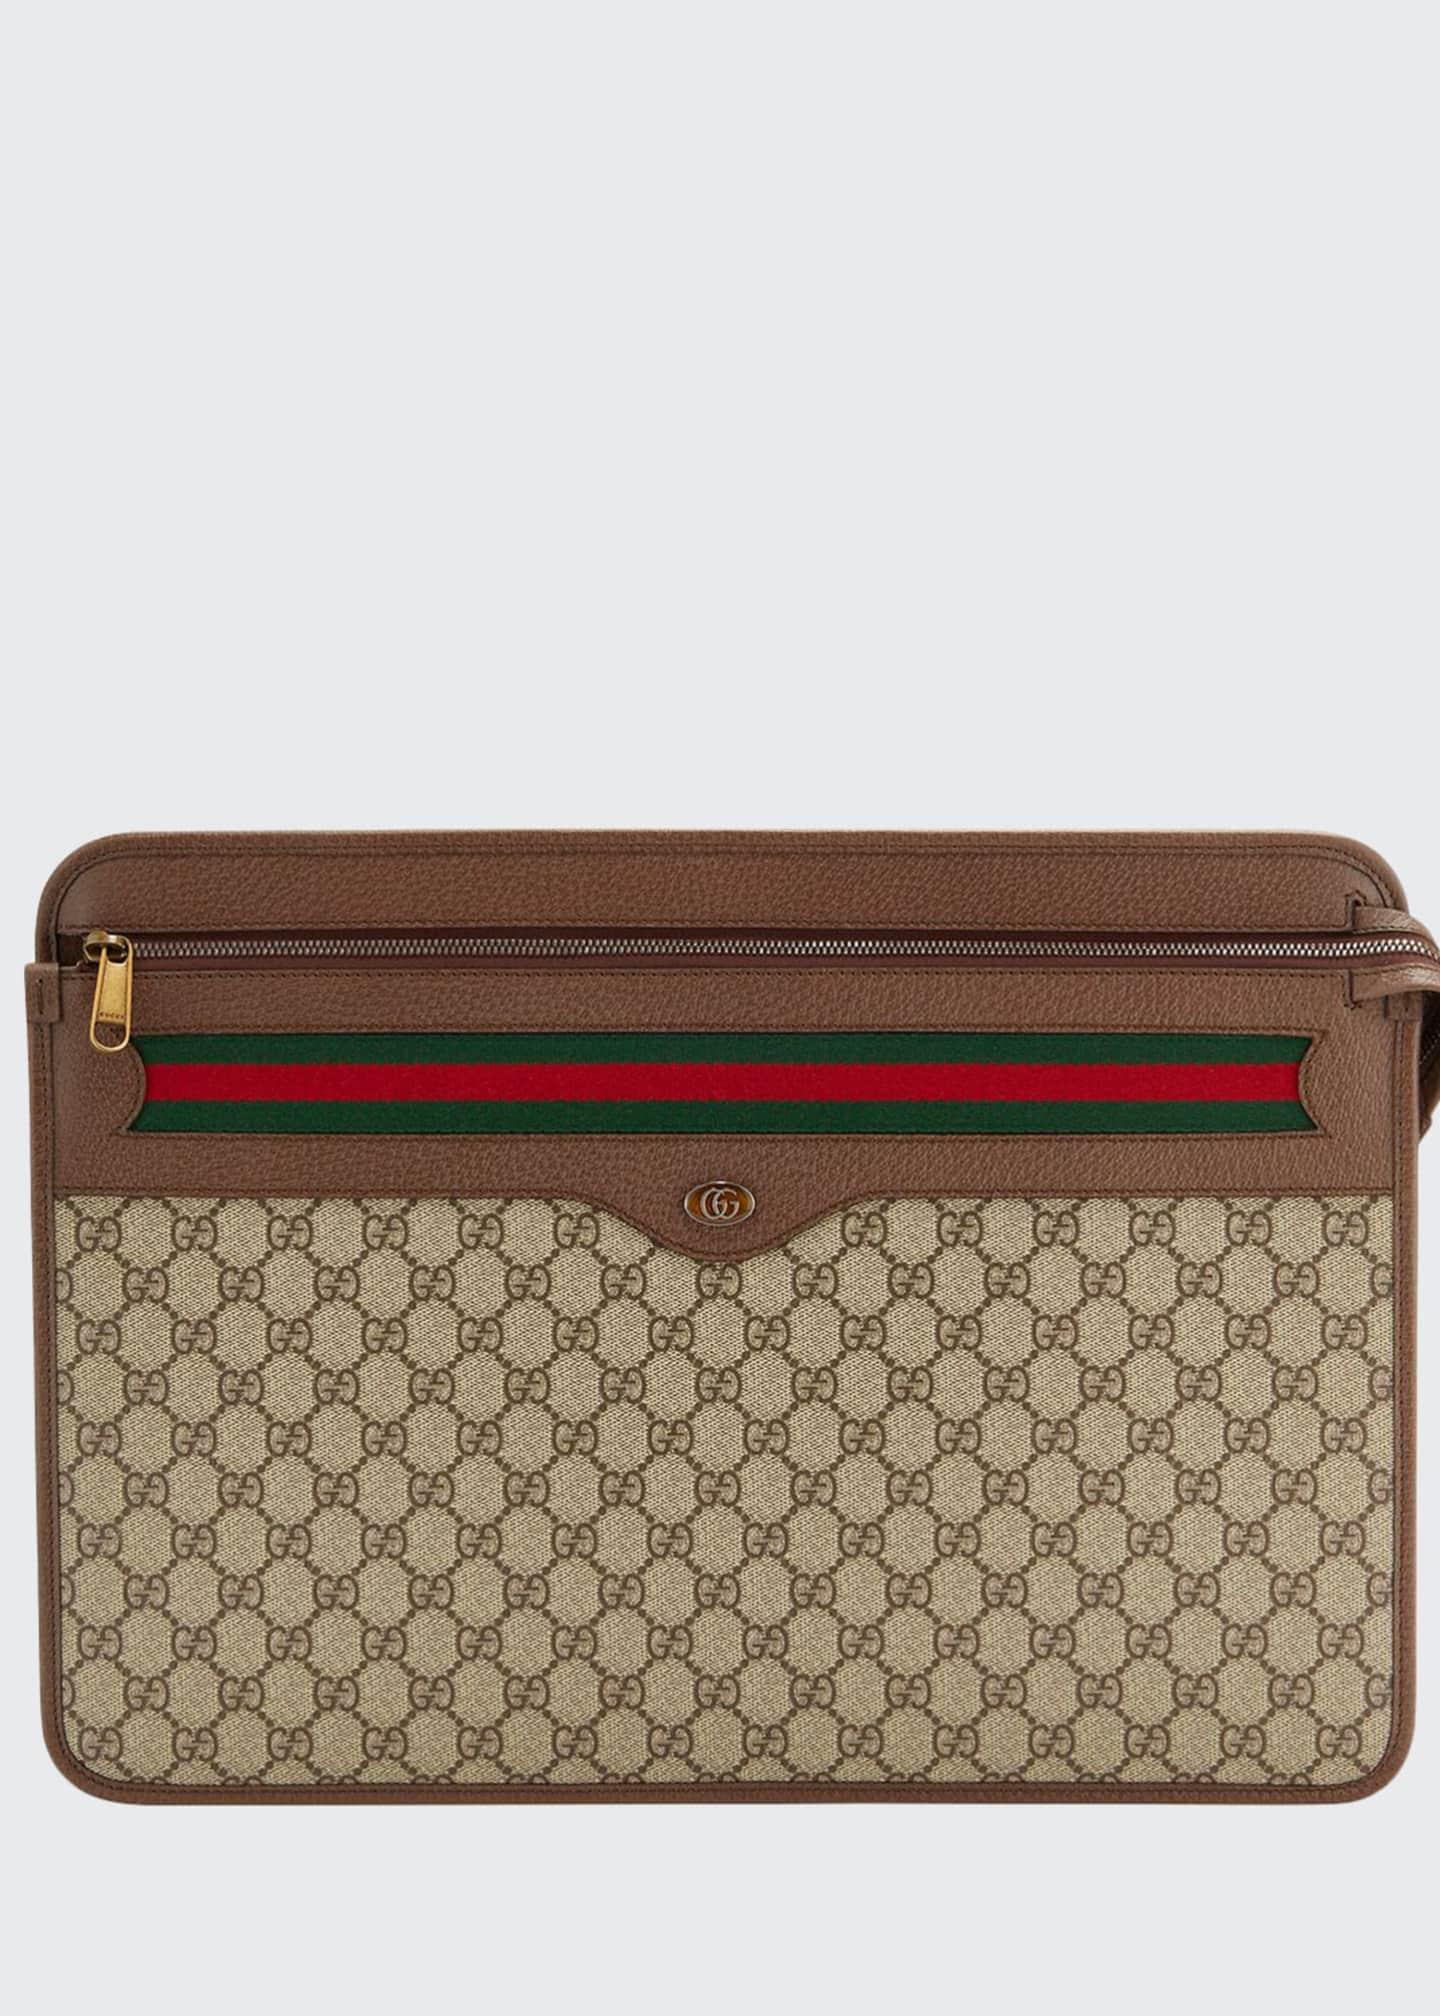 Gucci Men's GG Supreme Document Case